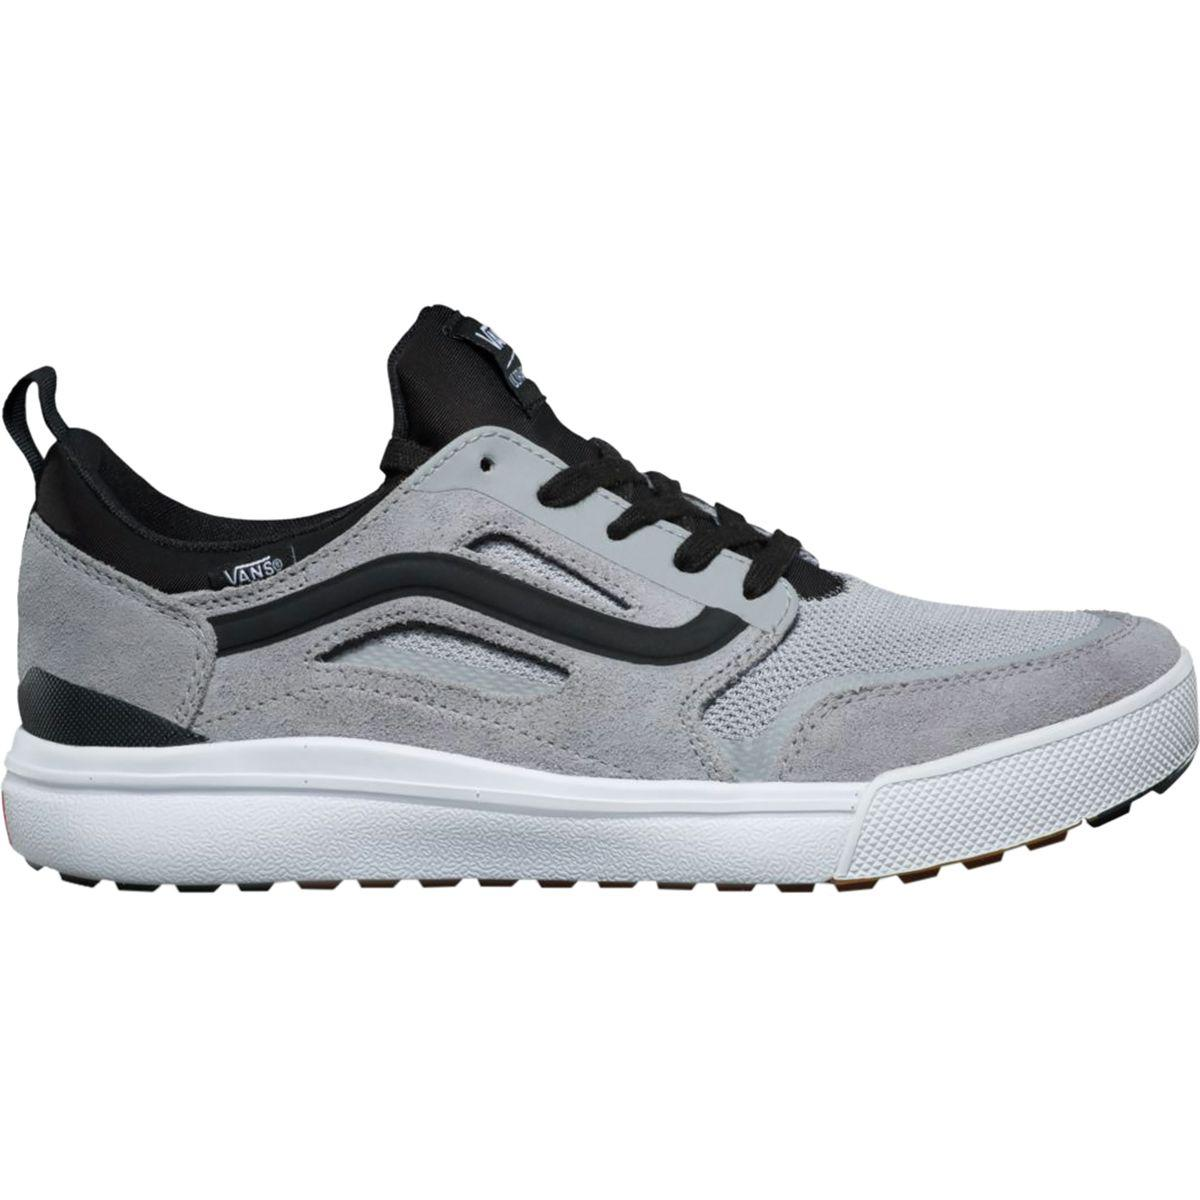 Vans Suede Ultrarange 3d Shoe in Gray